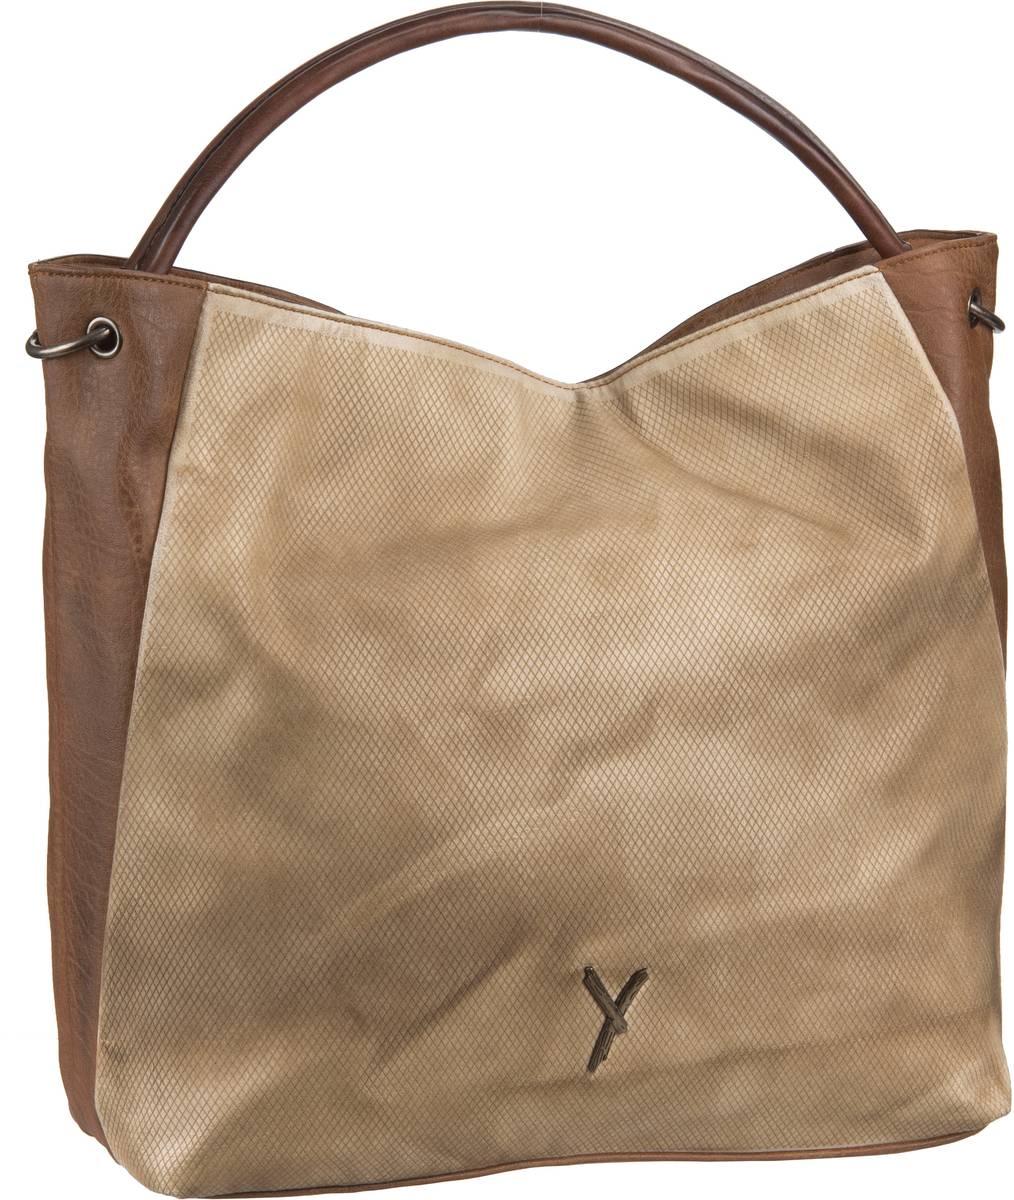 Suri Frey Kimmy 10581 Cognac - Handtasche